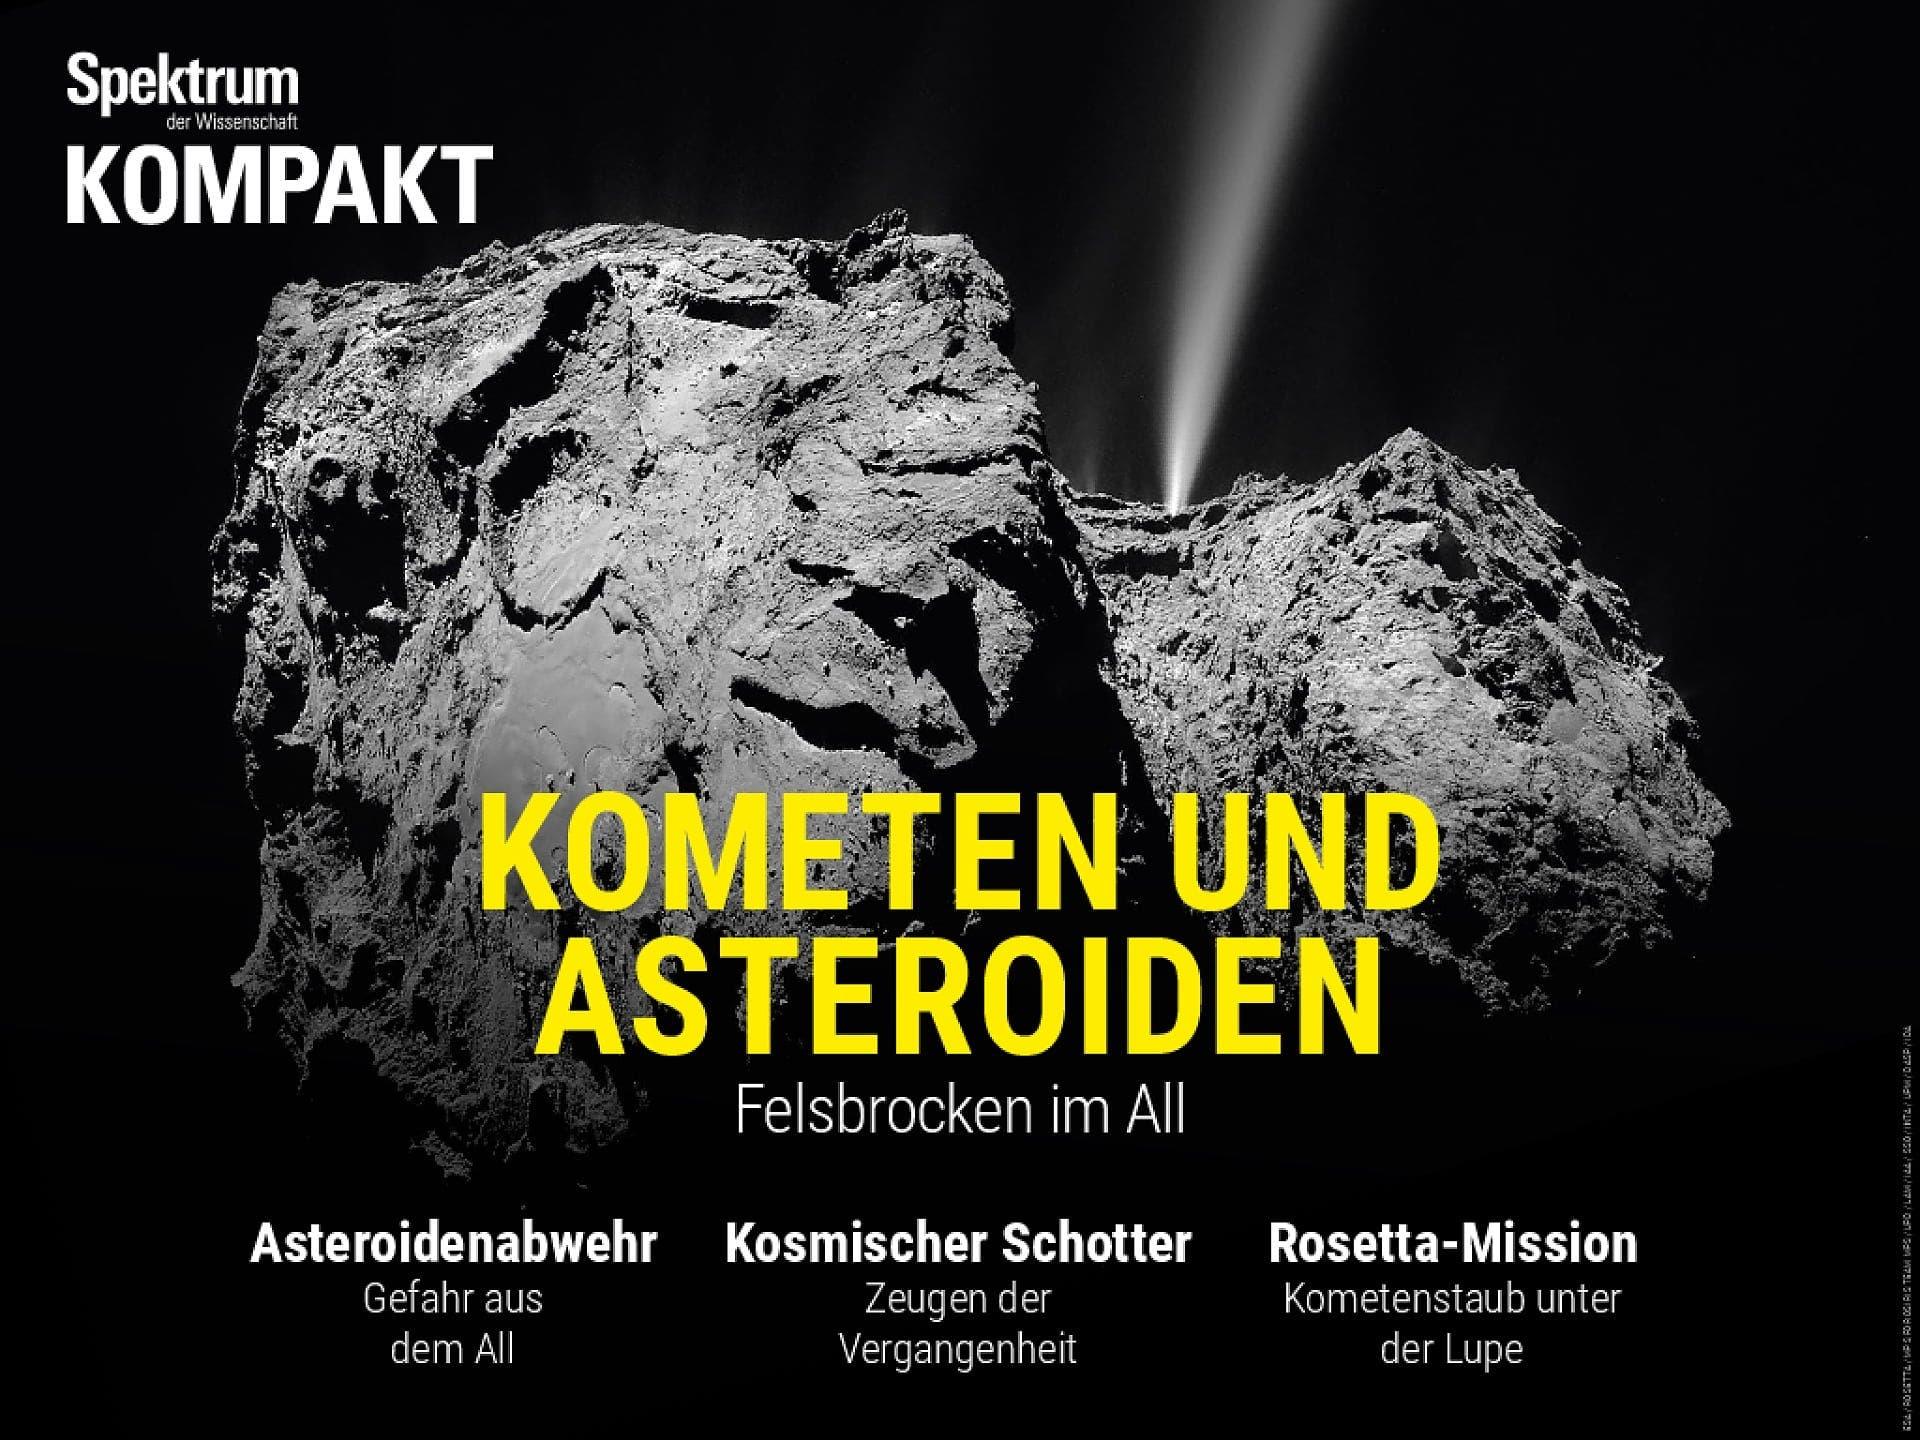 Kometen und Asteroiden - Felsbrocken im All